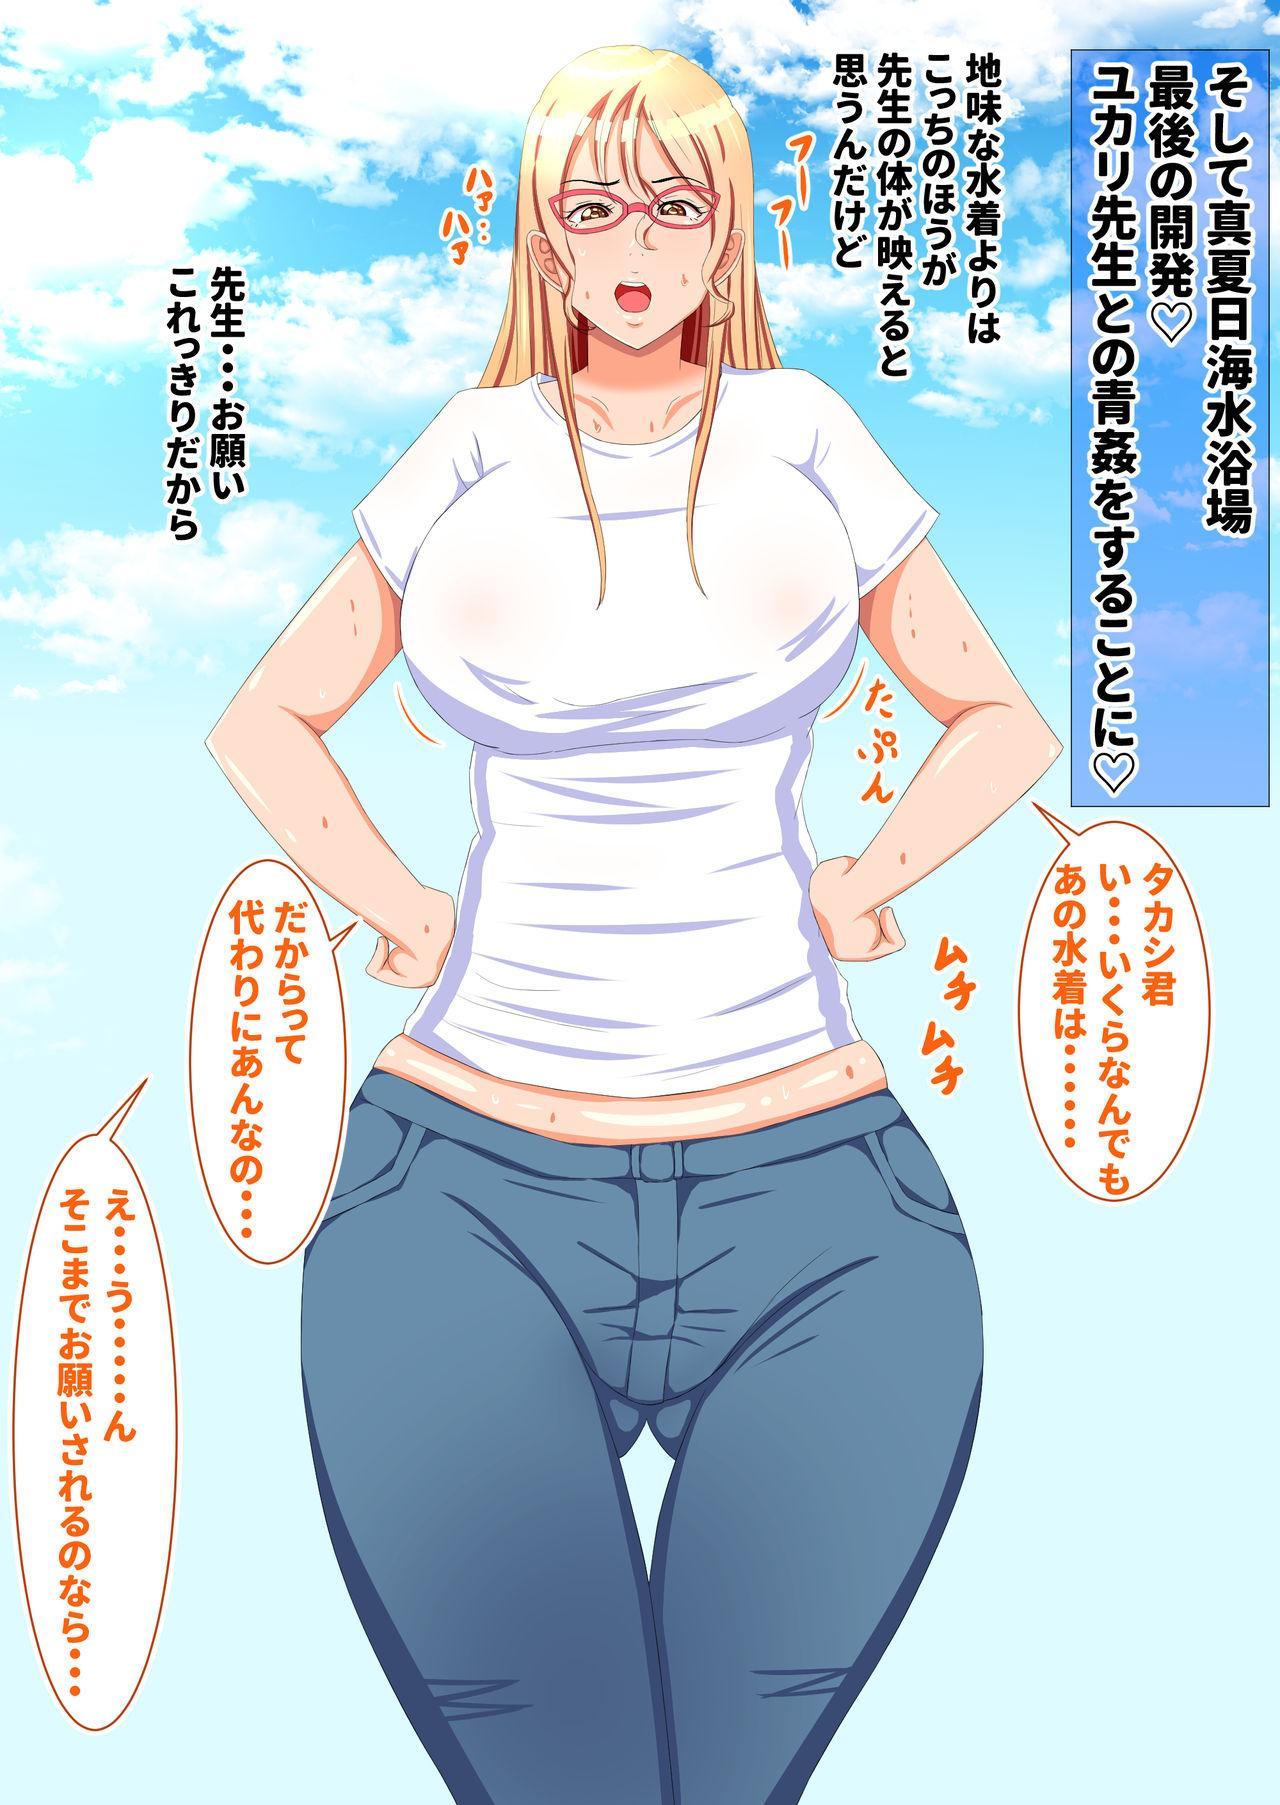 Saenai Onna Kyoushi ni Kokuhaku Shitemiru 9